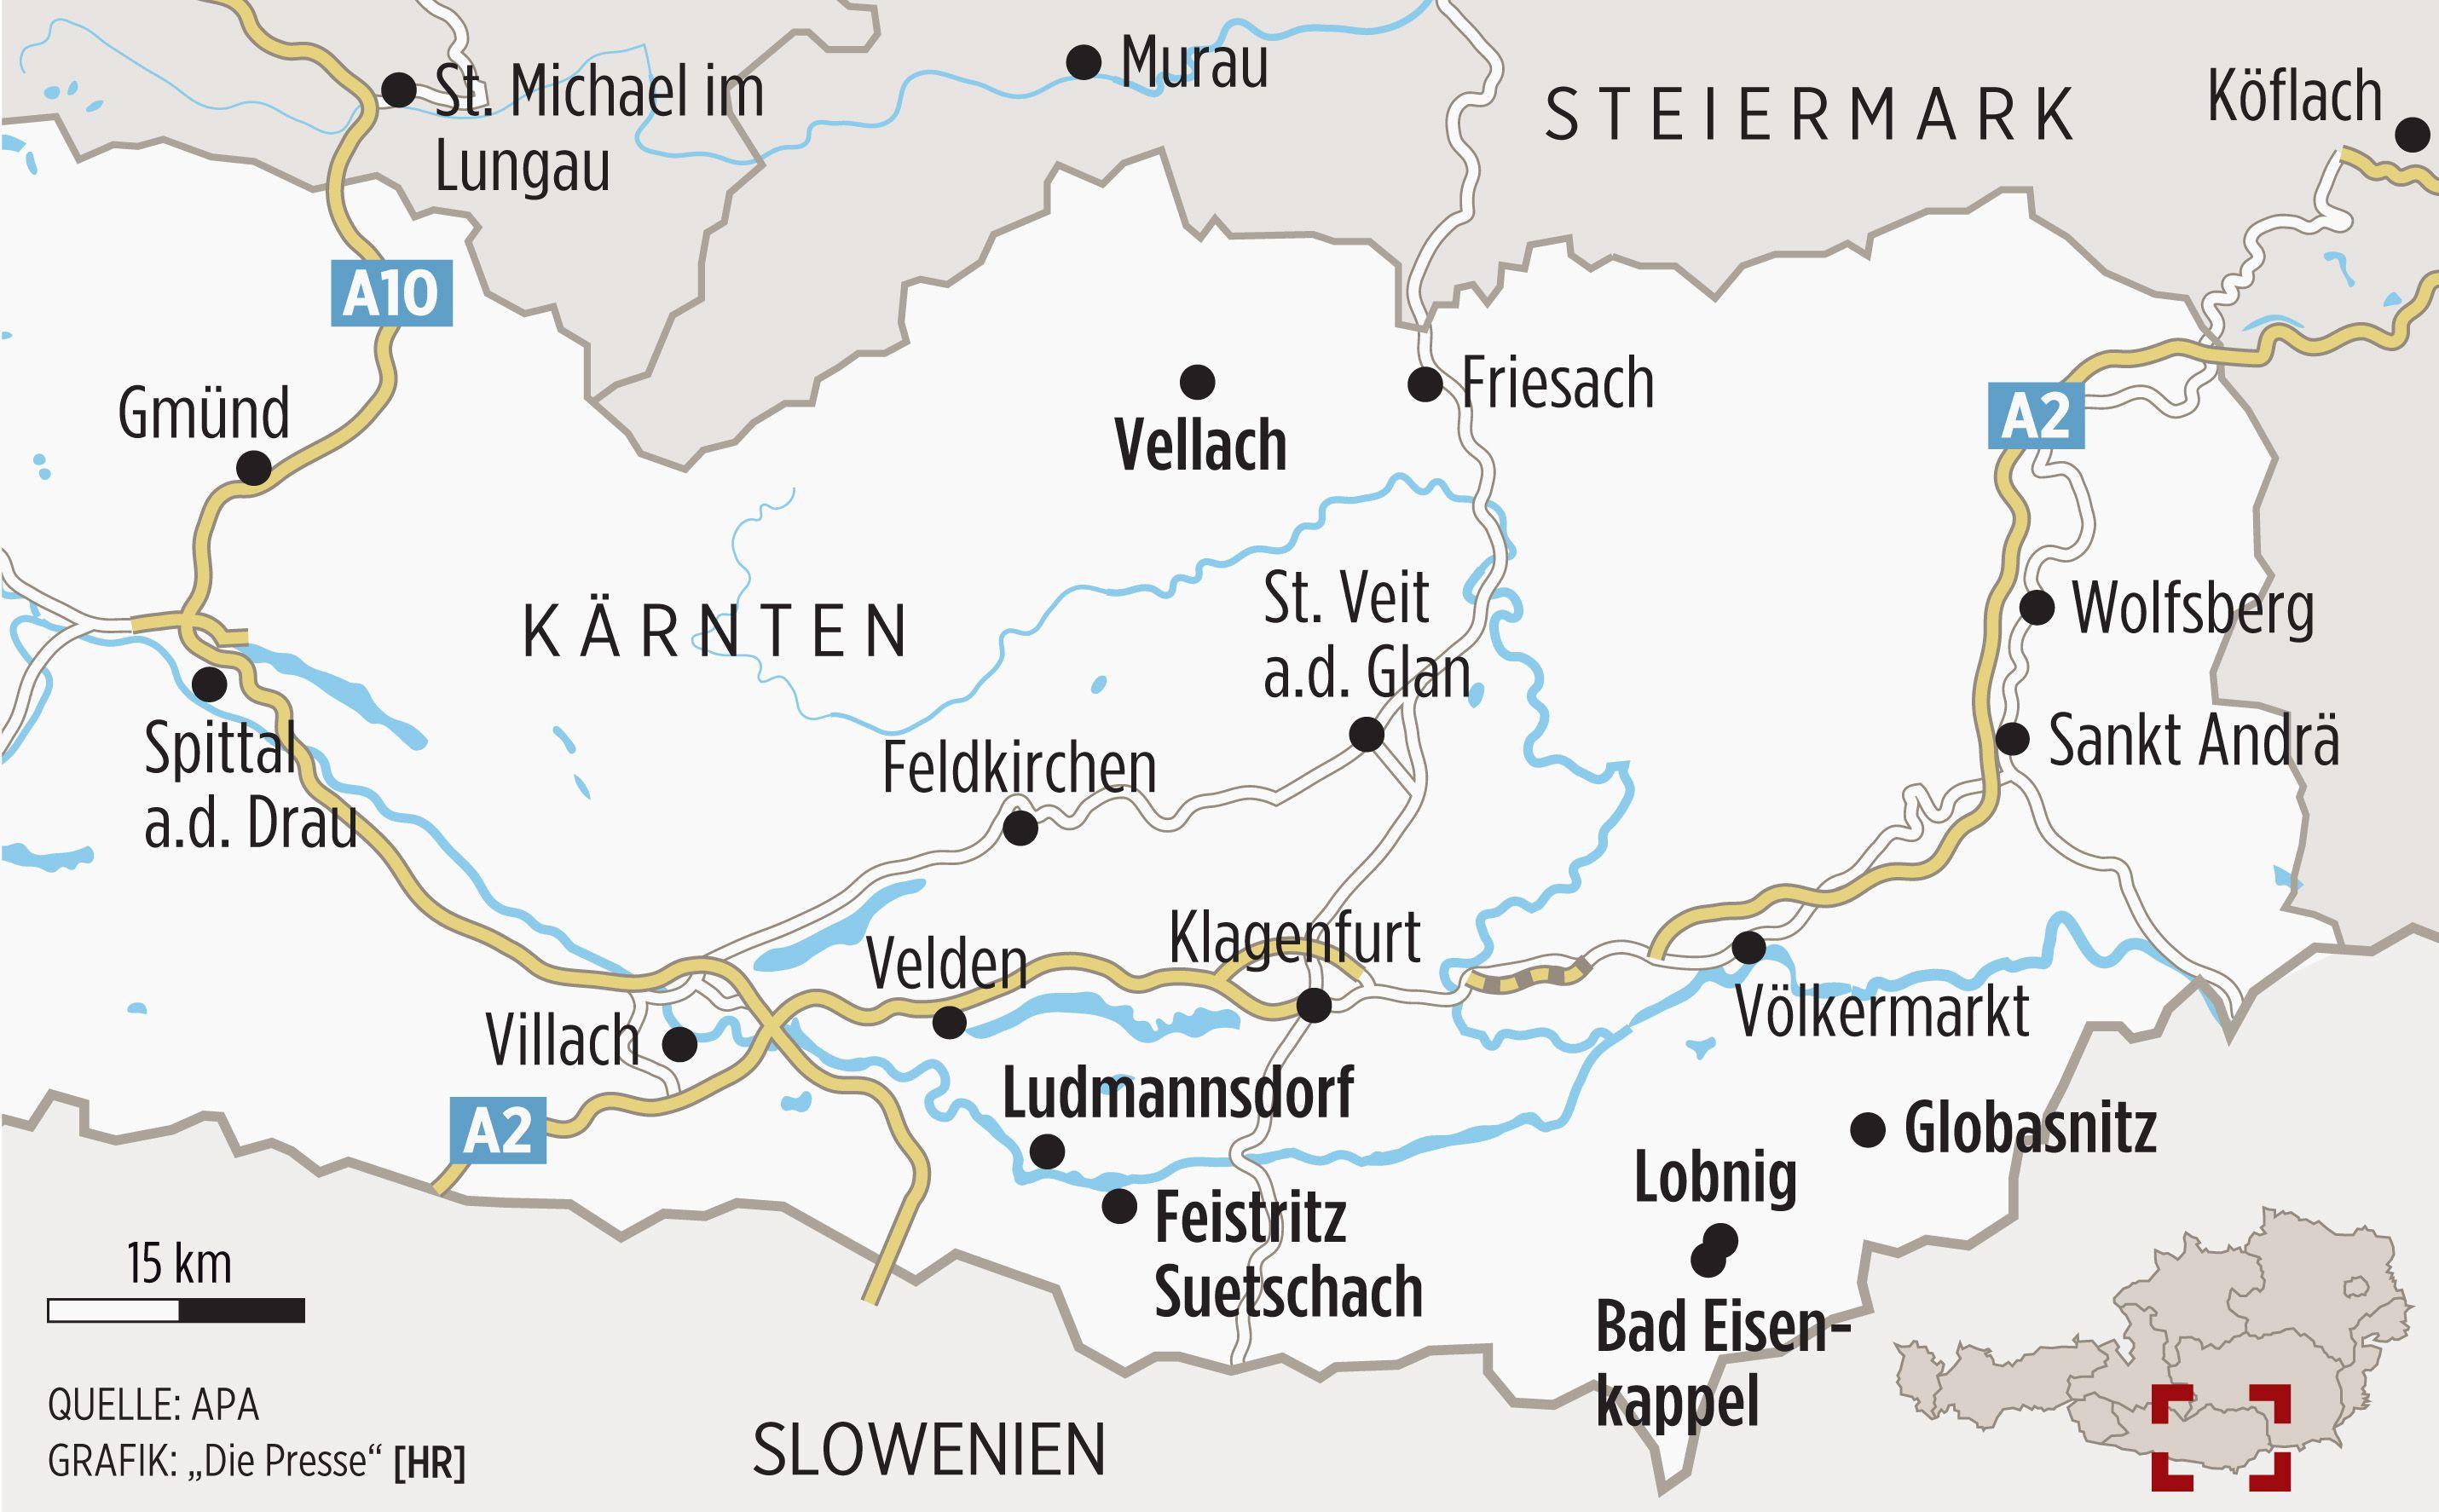 Karntner Slowenen Vom Langsamen Verschwinden Einer Volksgruppe